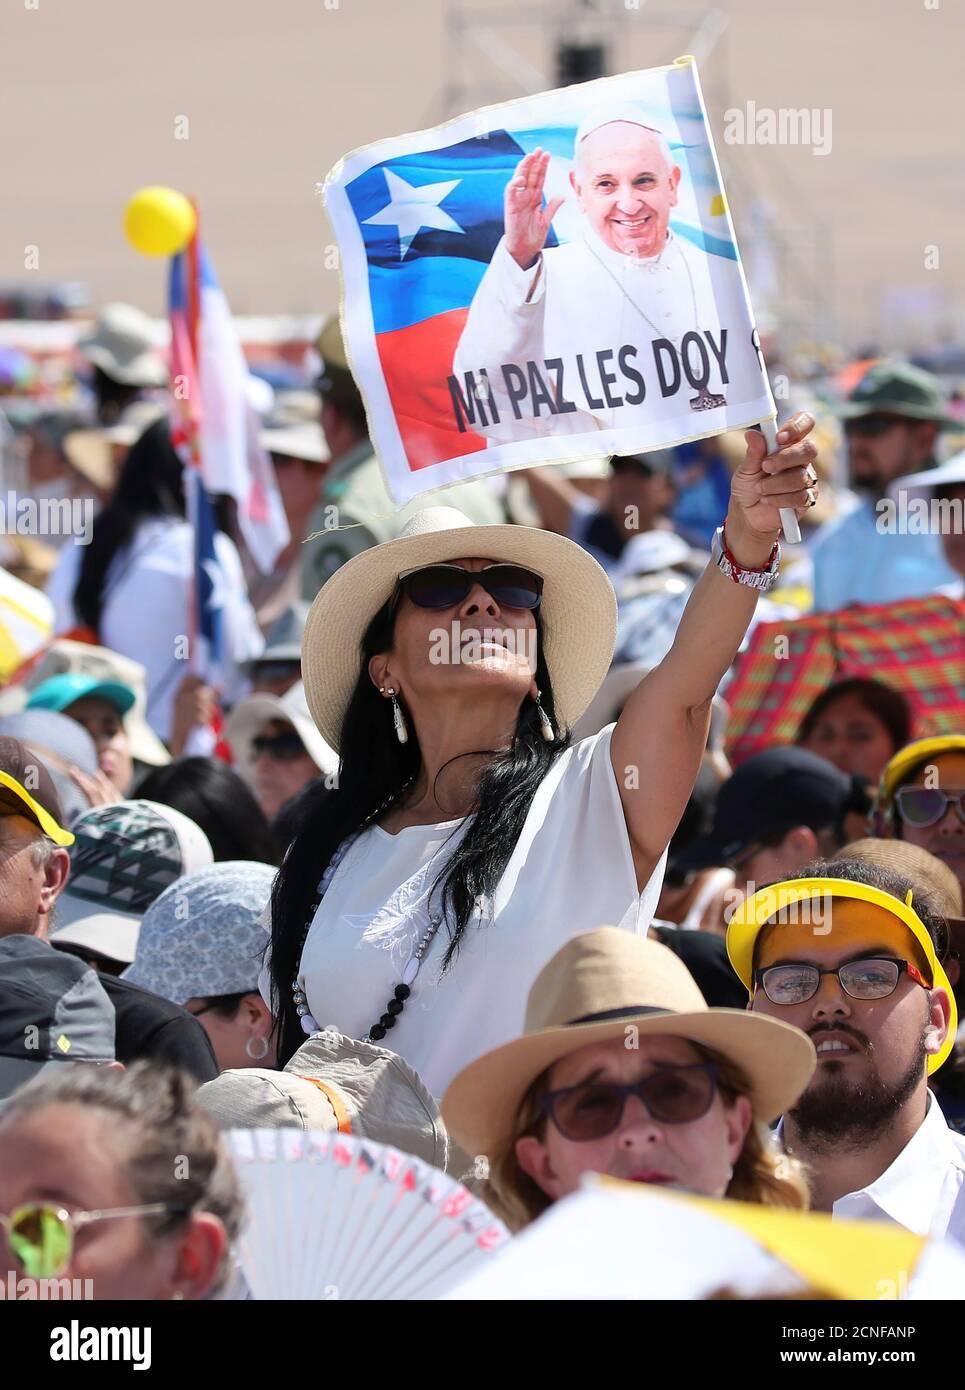 Una donna vola una bandiera mentre Papa Francesco arriva a condurre una messa alla spiaggia di Lobito a Iquique, Cile, 18 gennaio 2018. REUTERS/Alessandro Bianchi Foto Stock